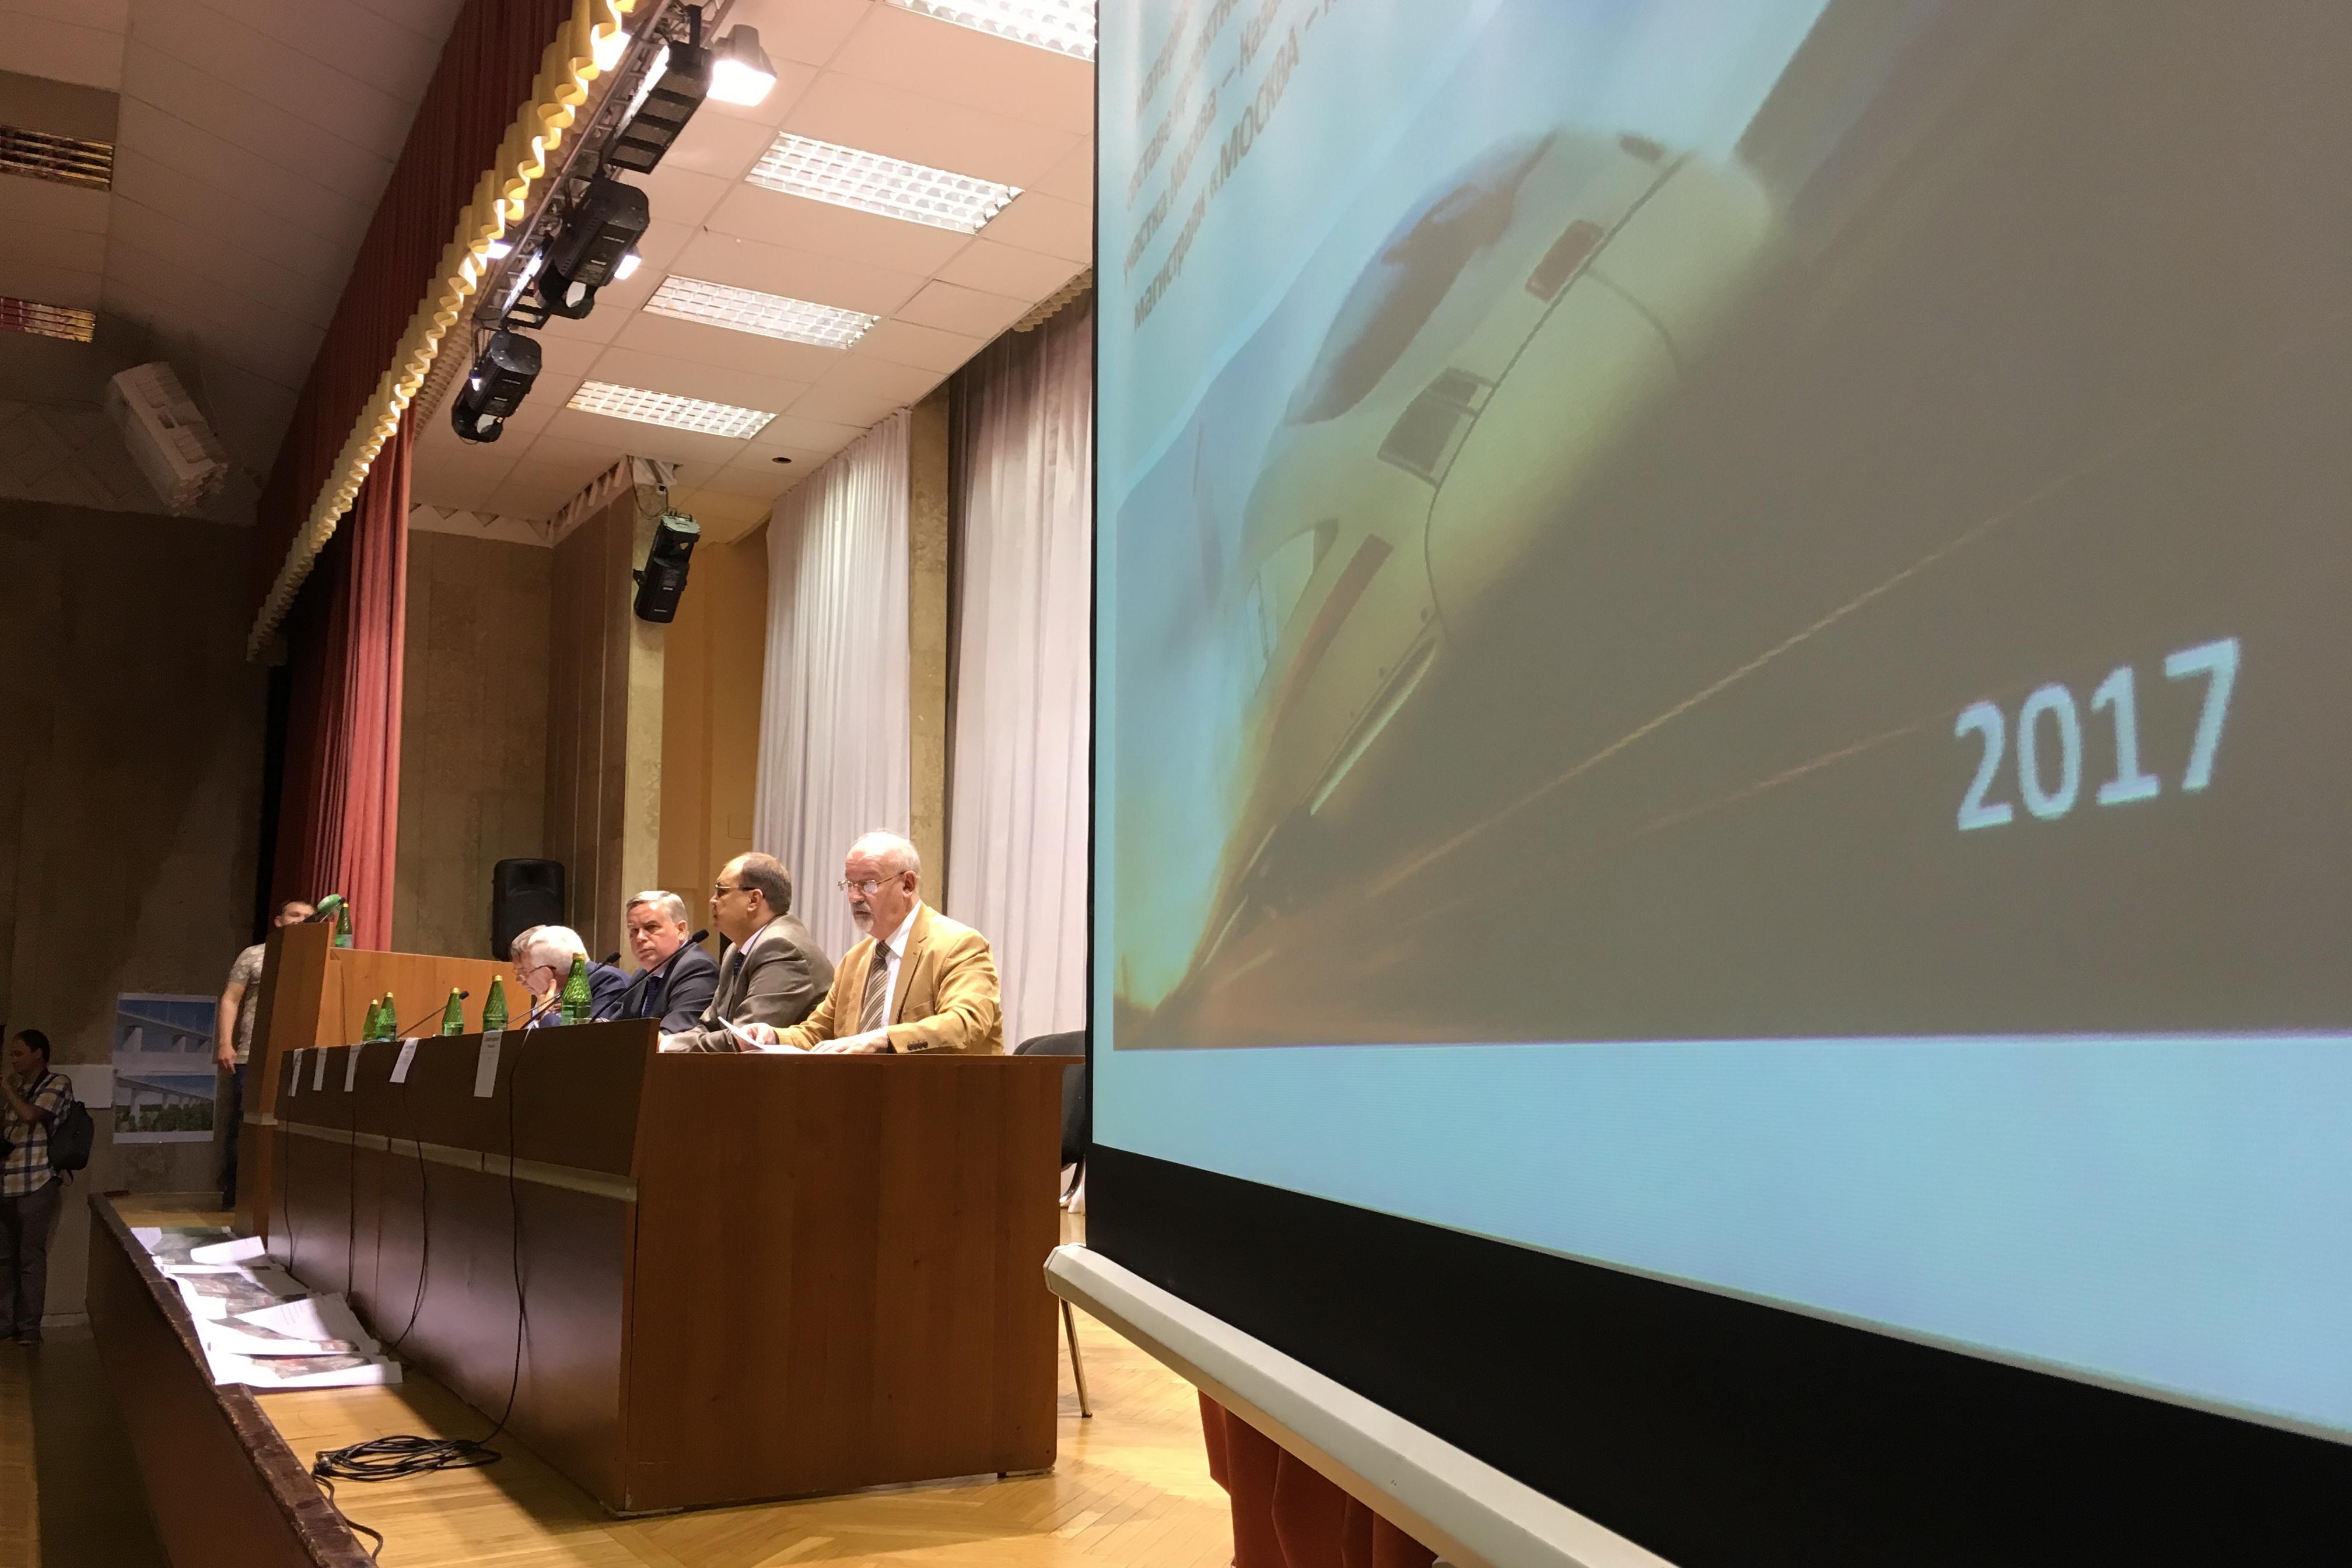 Публичные слушания по ВСМ в Казани летом 2017 года